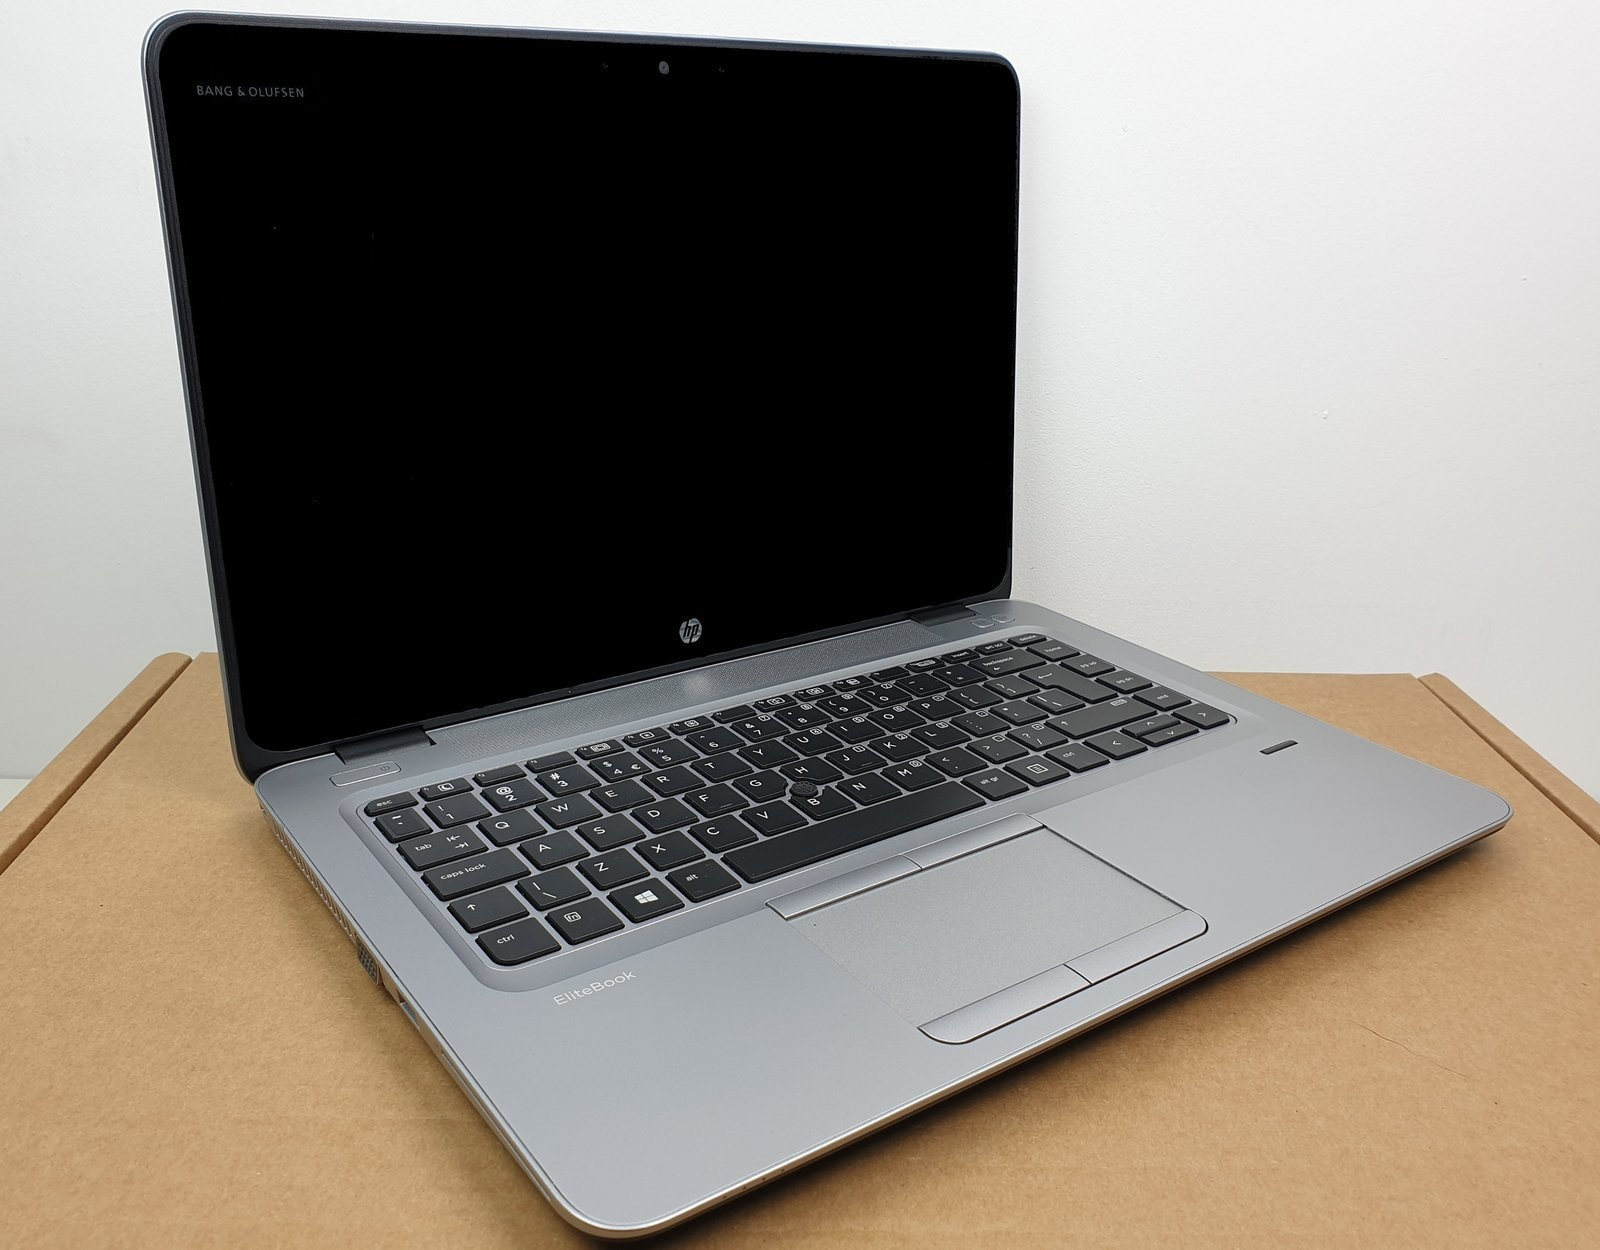 Laptop HP EliteBook 840 G3 i7 - 6 generacji / 16 GB / 480 GB SSD / 14 FullHD DOTYK / Klasa A- - 3